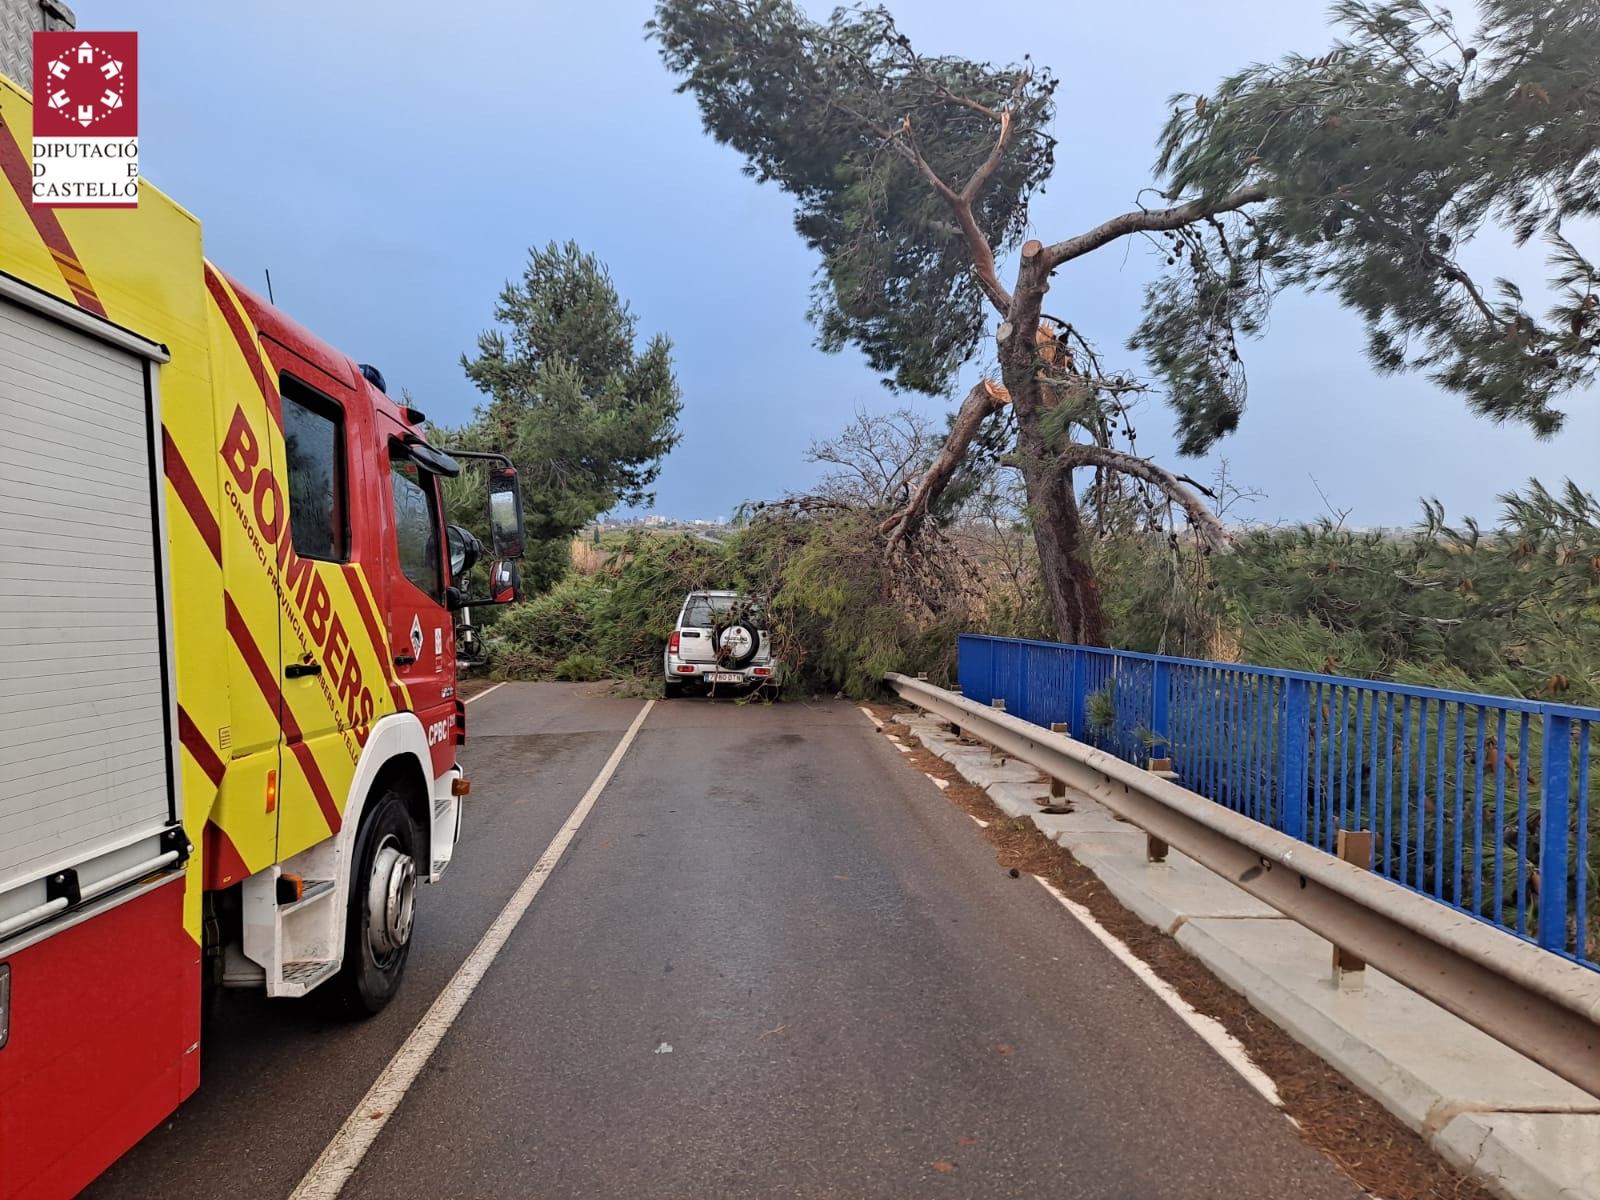 Los Bomberos de la Diputación de Castellón efectúan 33 actuaciones a lo largo del día a causa del temporal de viento 'Hortense'